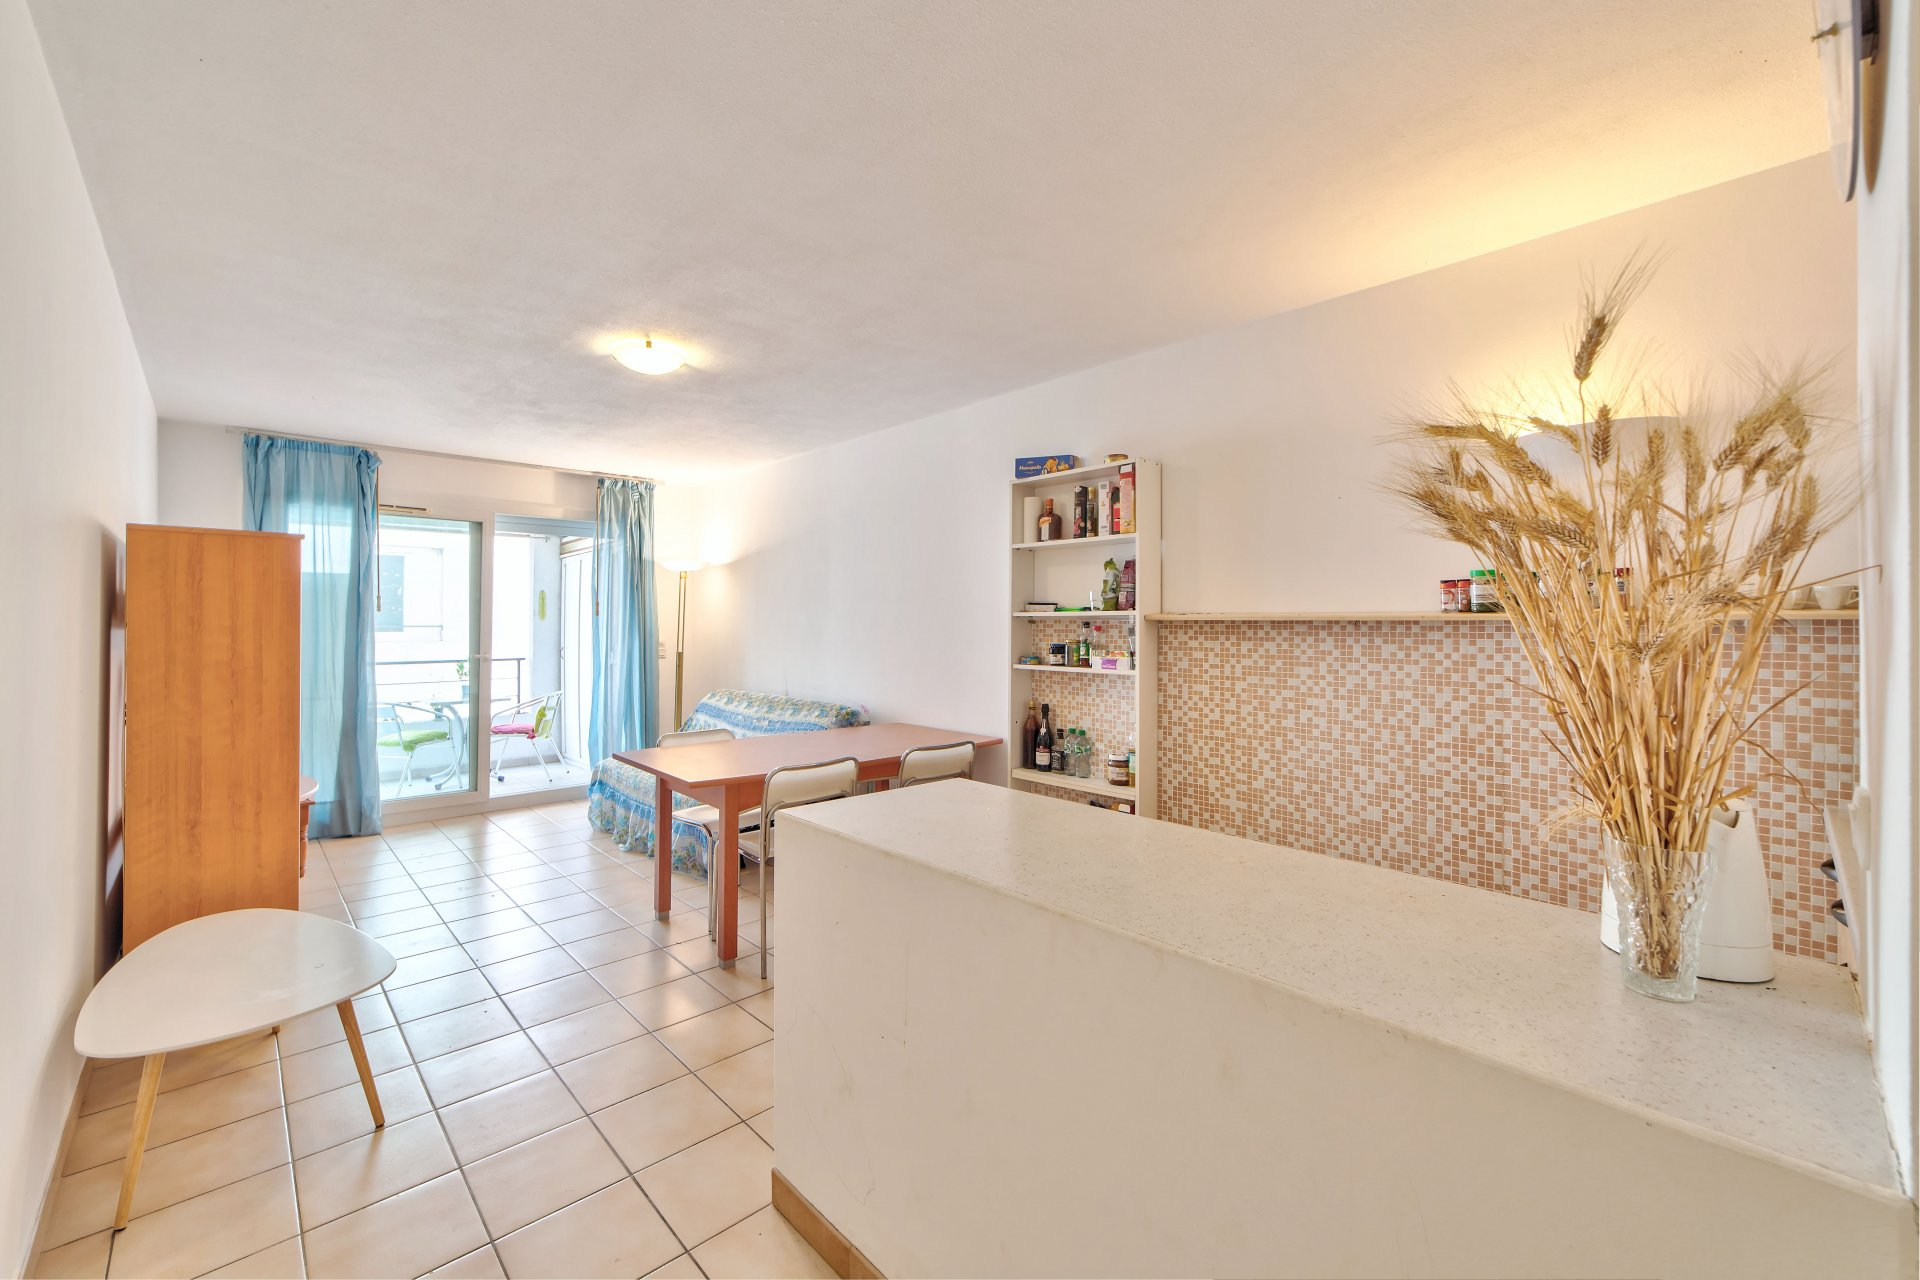 Appartement 2 pieces au bd Carabacel